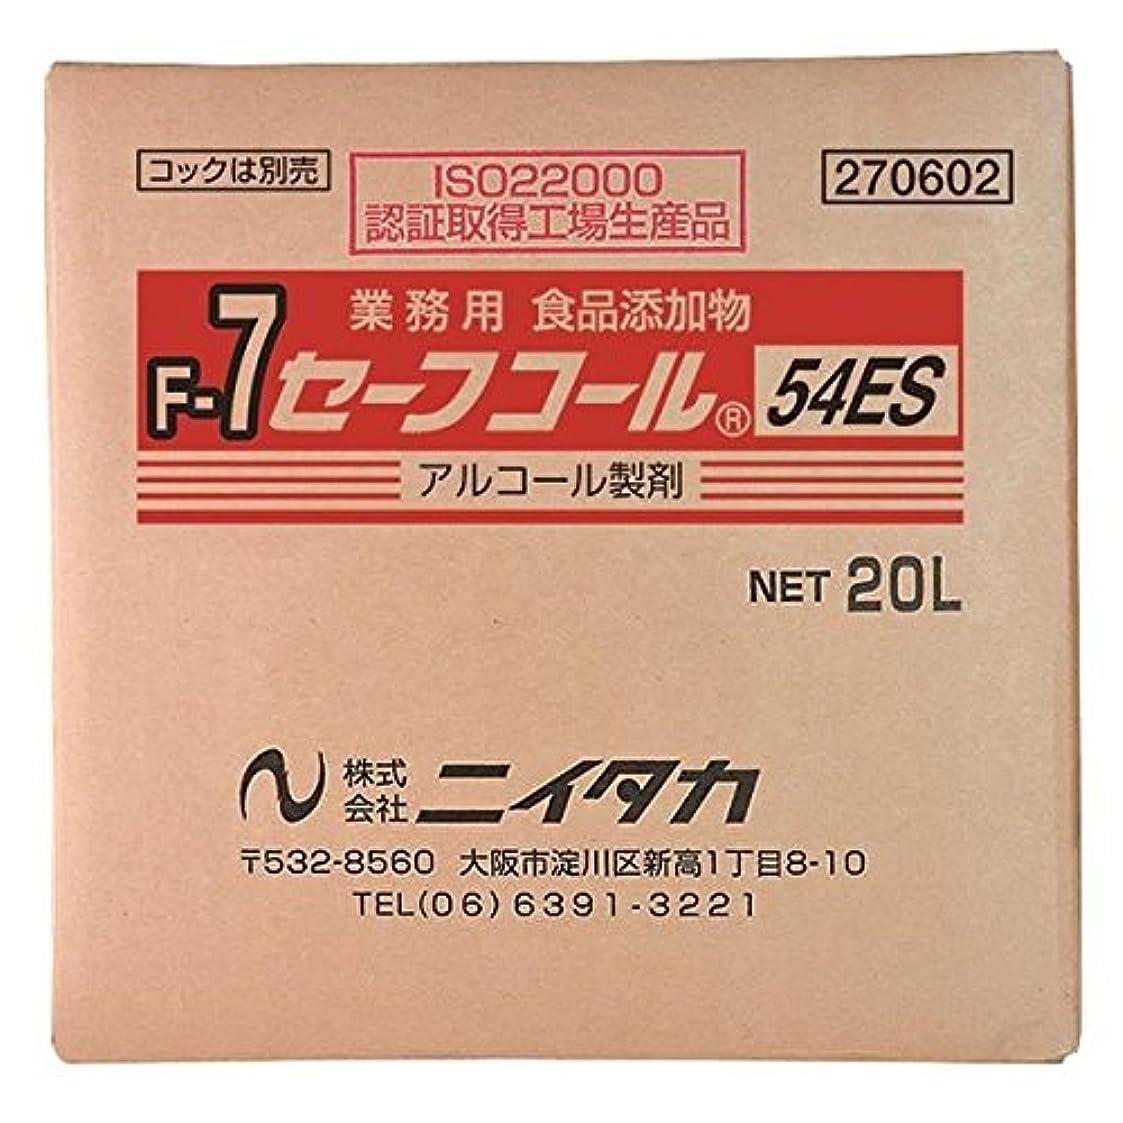 カーフゲート晴れニイタカ:セーフコール54ES(F-7) 20L(BIB) 270602